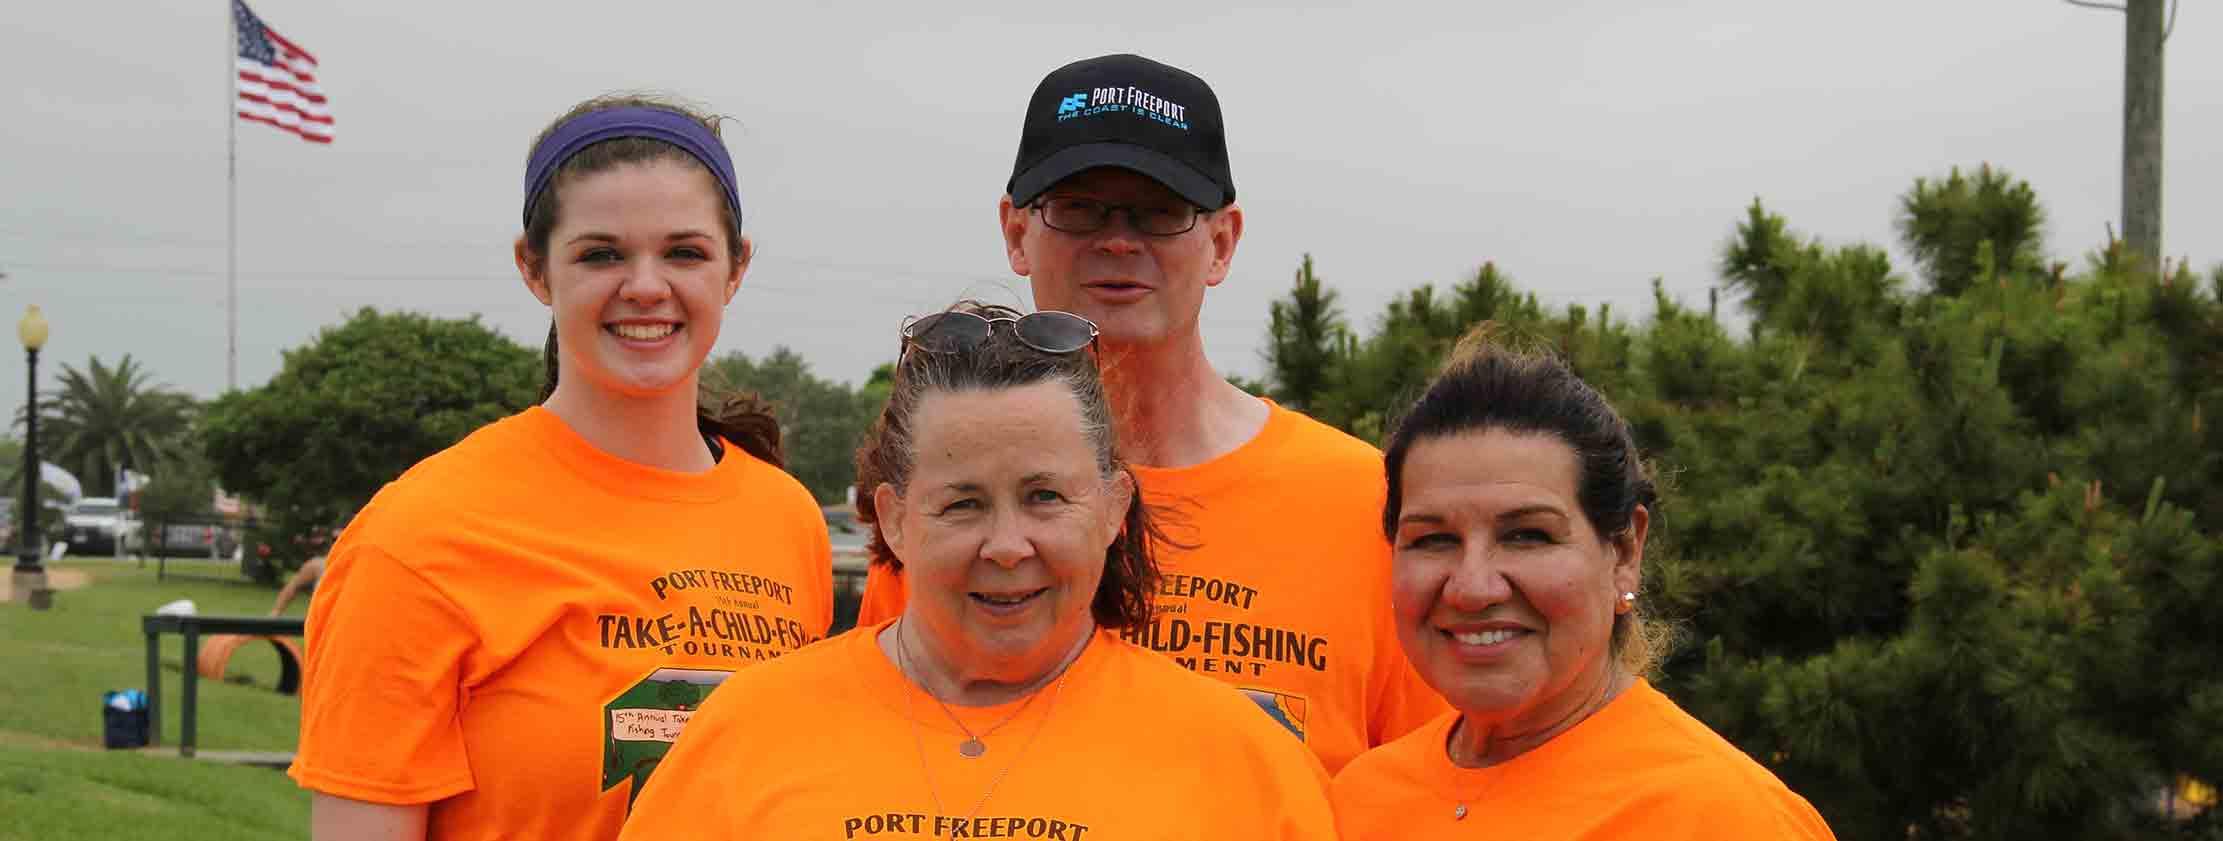 port freeport child fishing tournament